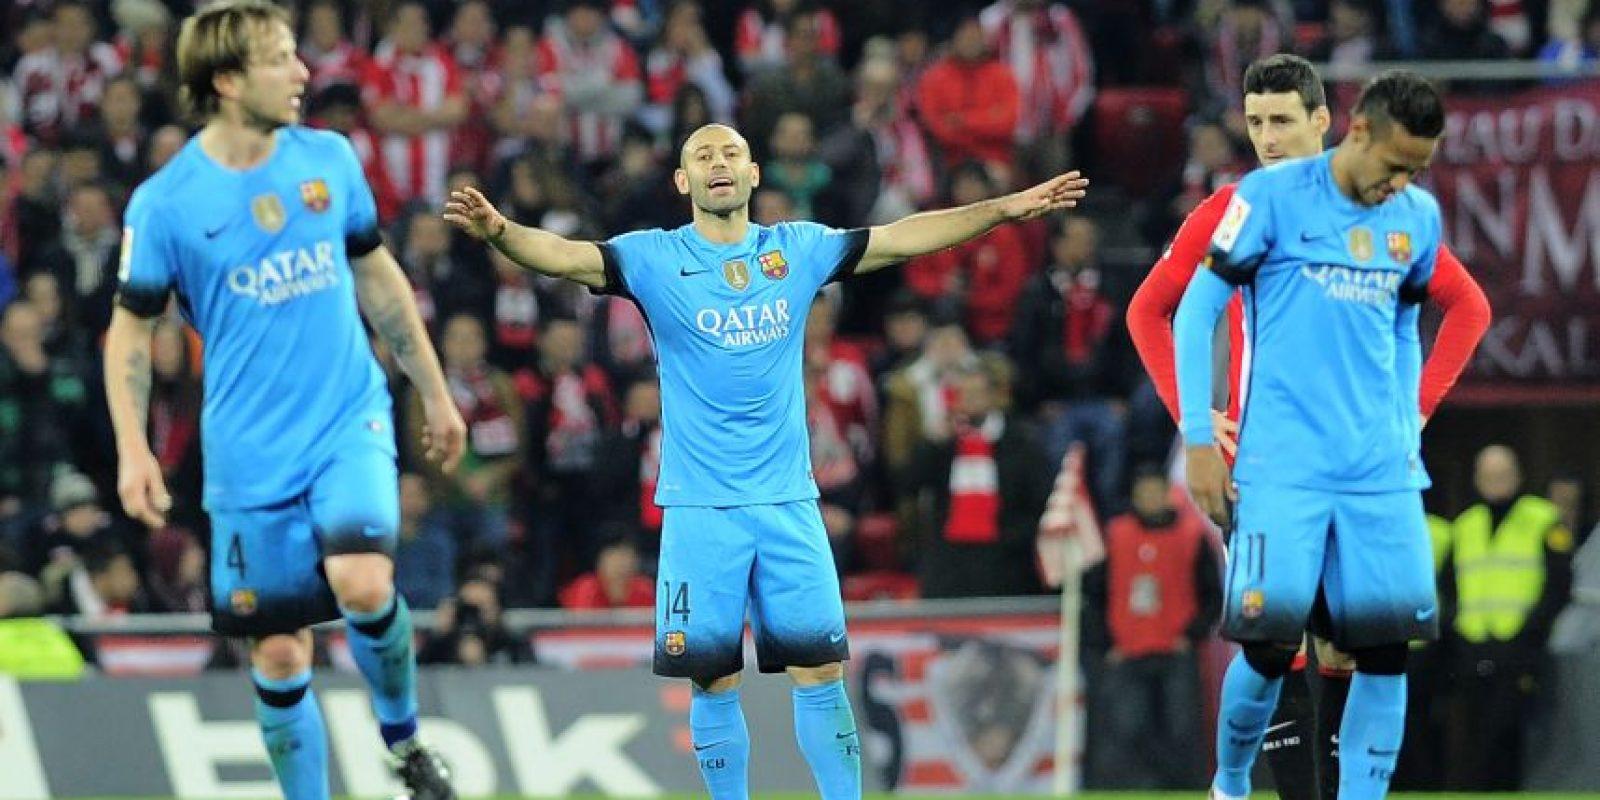 Masche en el partido de Copa del Rey ante el Athletic. Foto:AFP